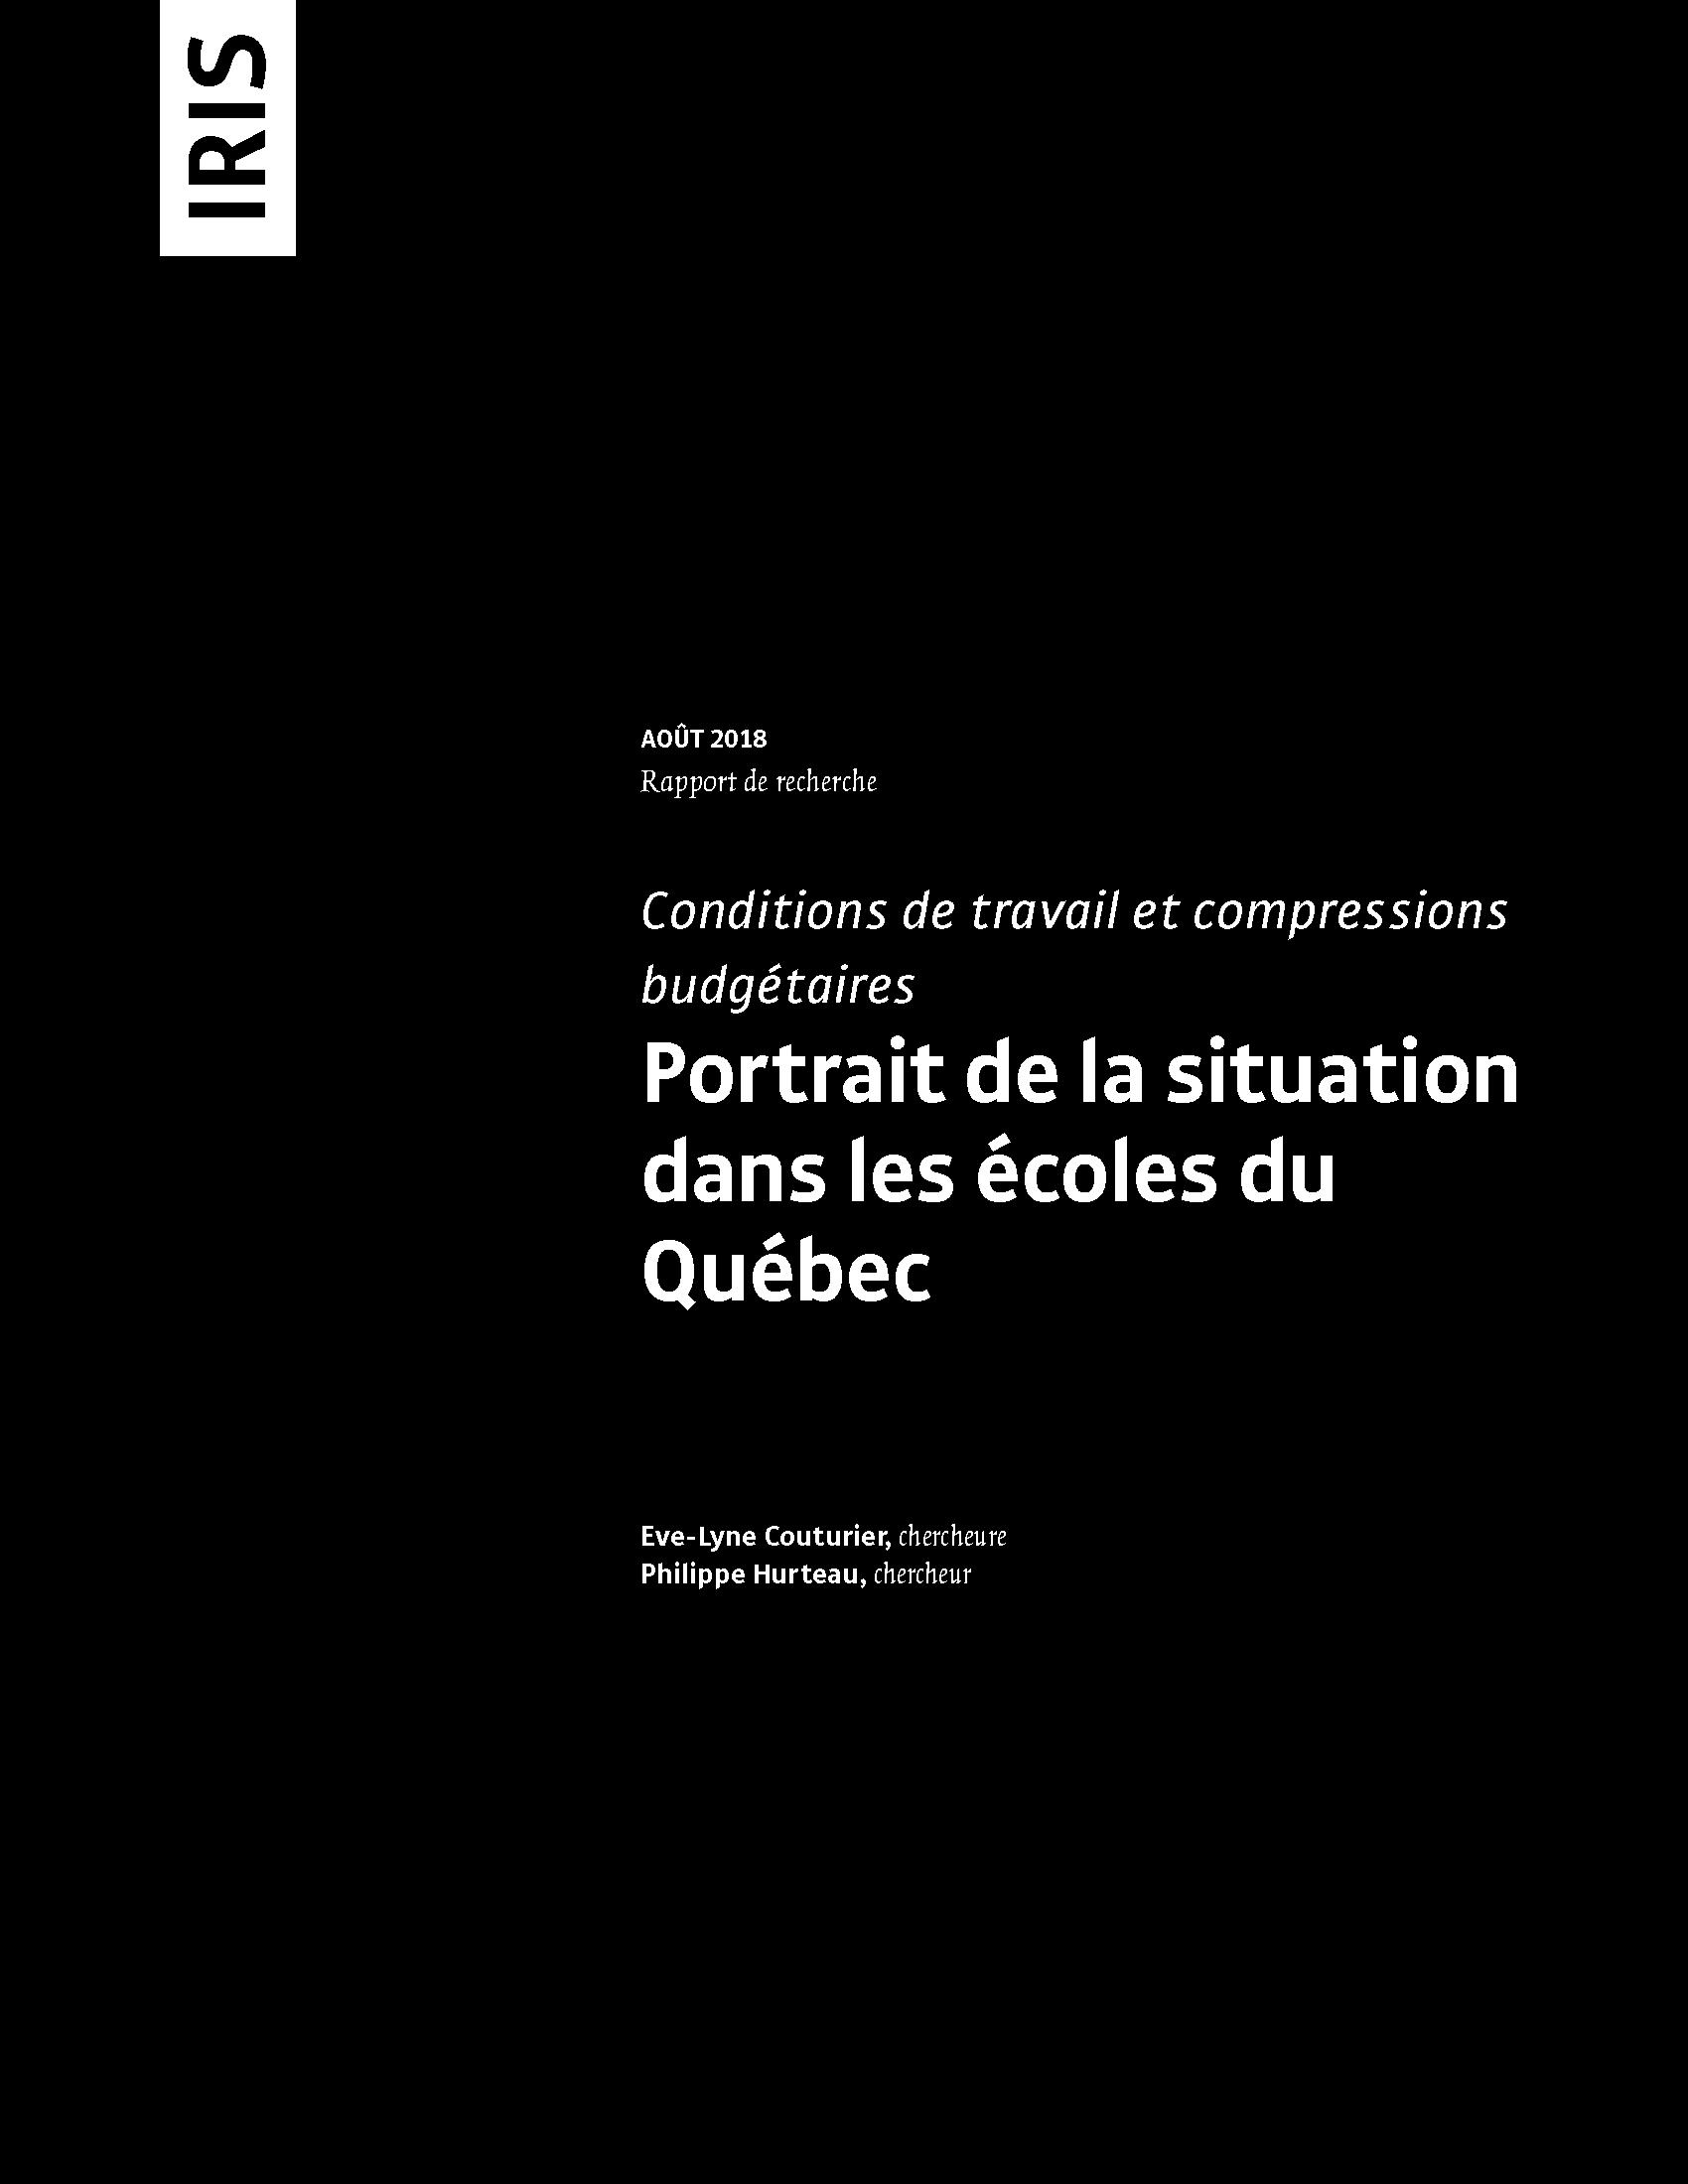 <b>Portrait de la situation dans les écoles du Québec</b>